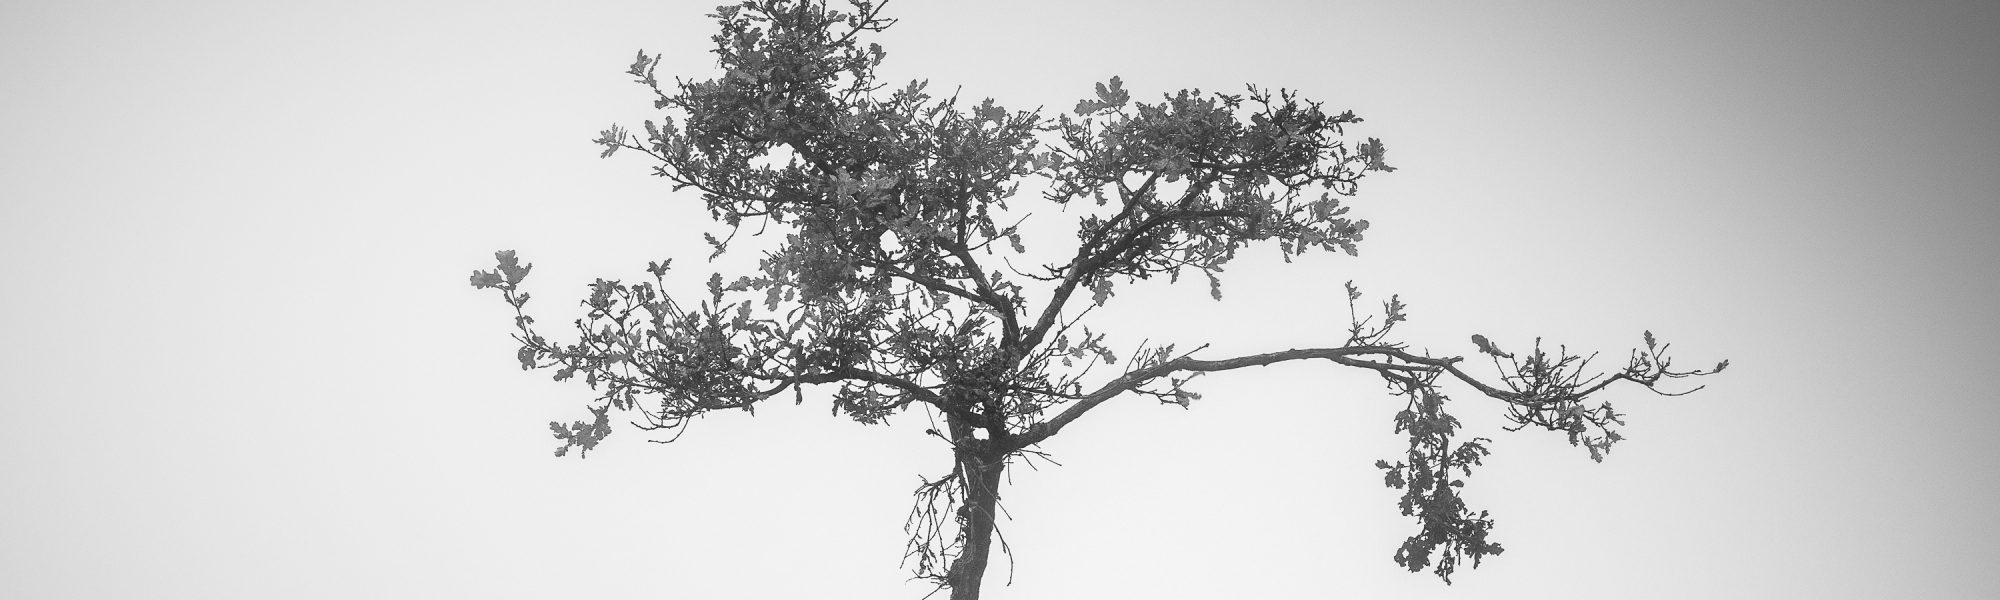 Little sapling